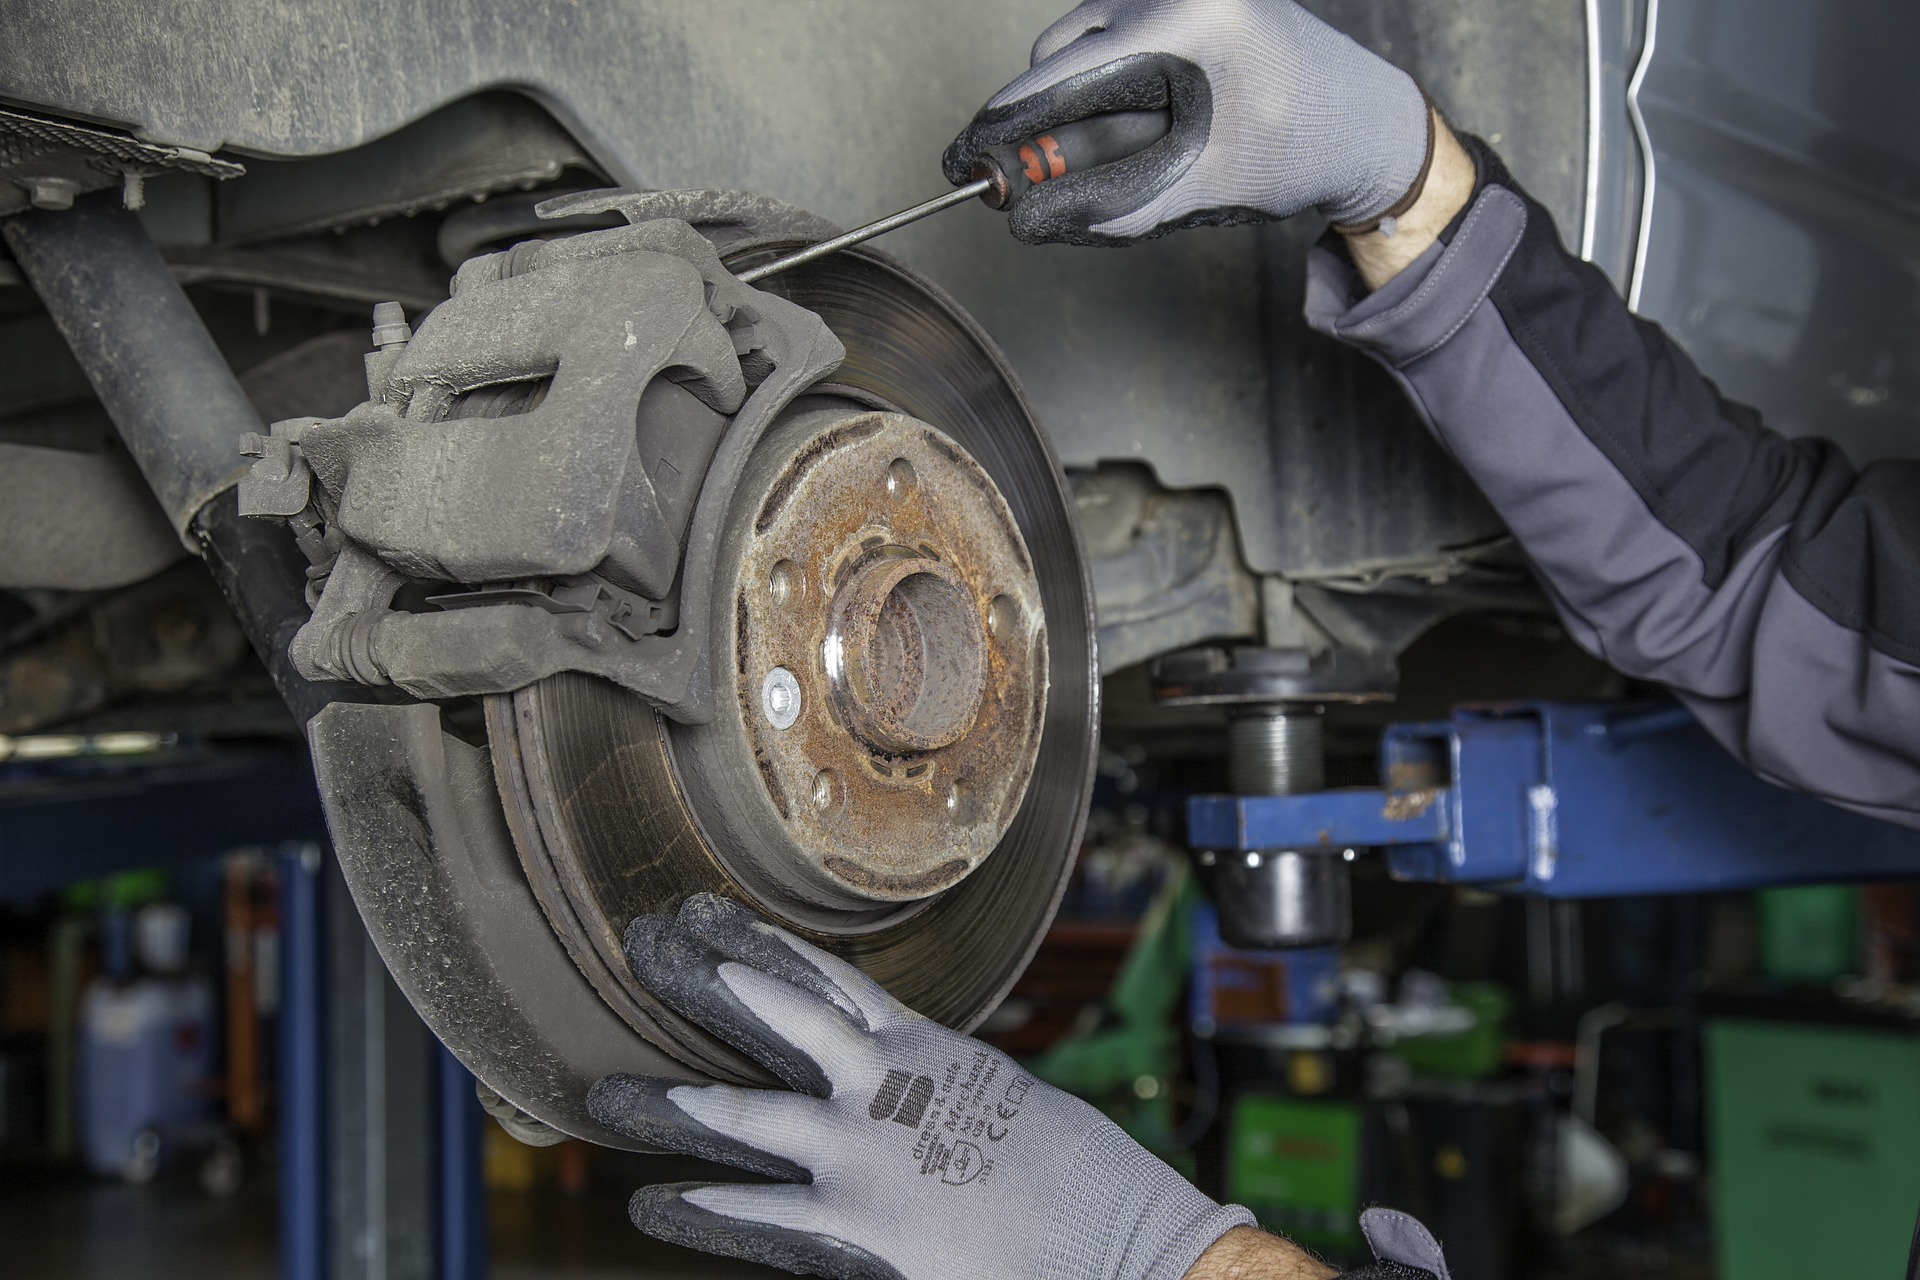 Fahrzeug Inspektion Lüneburg - Wir führen Wartungsarbeiten aller Hersteller durch